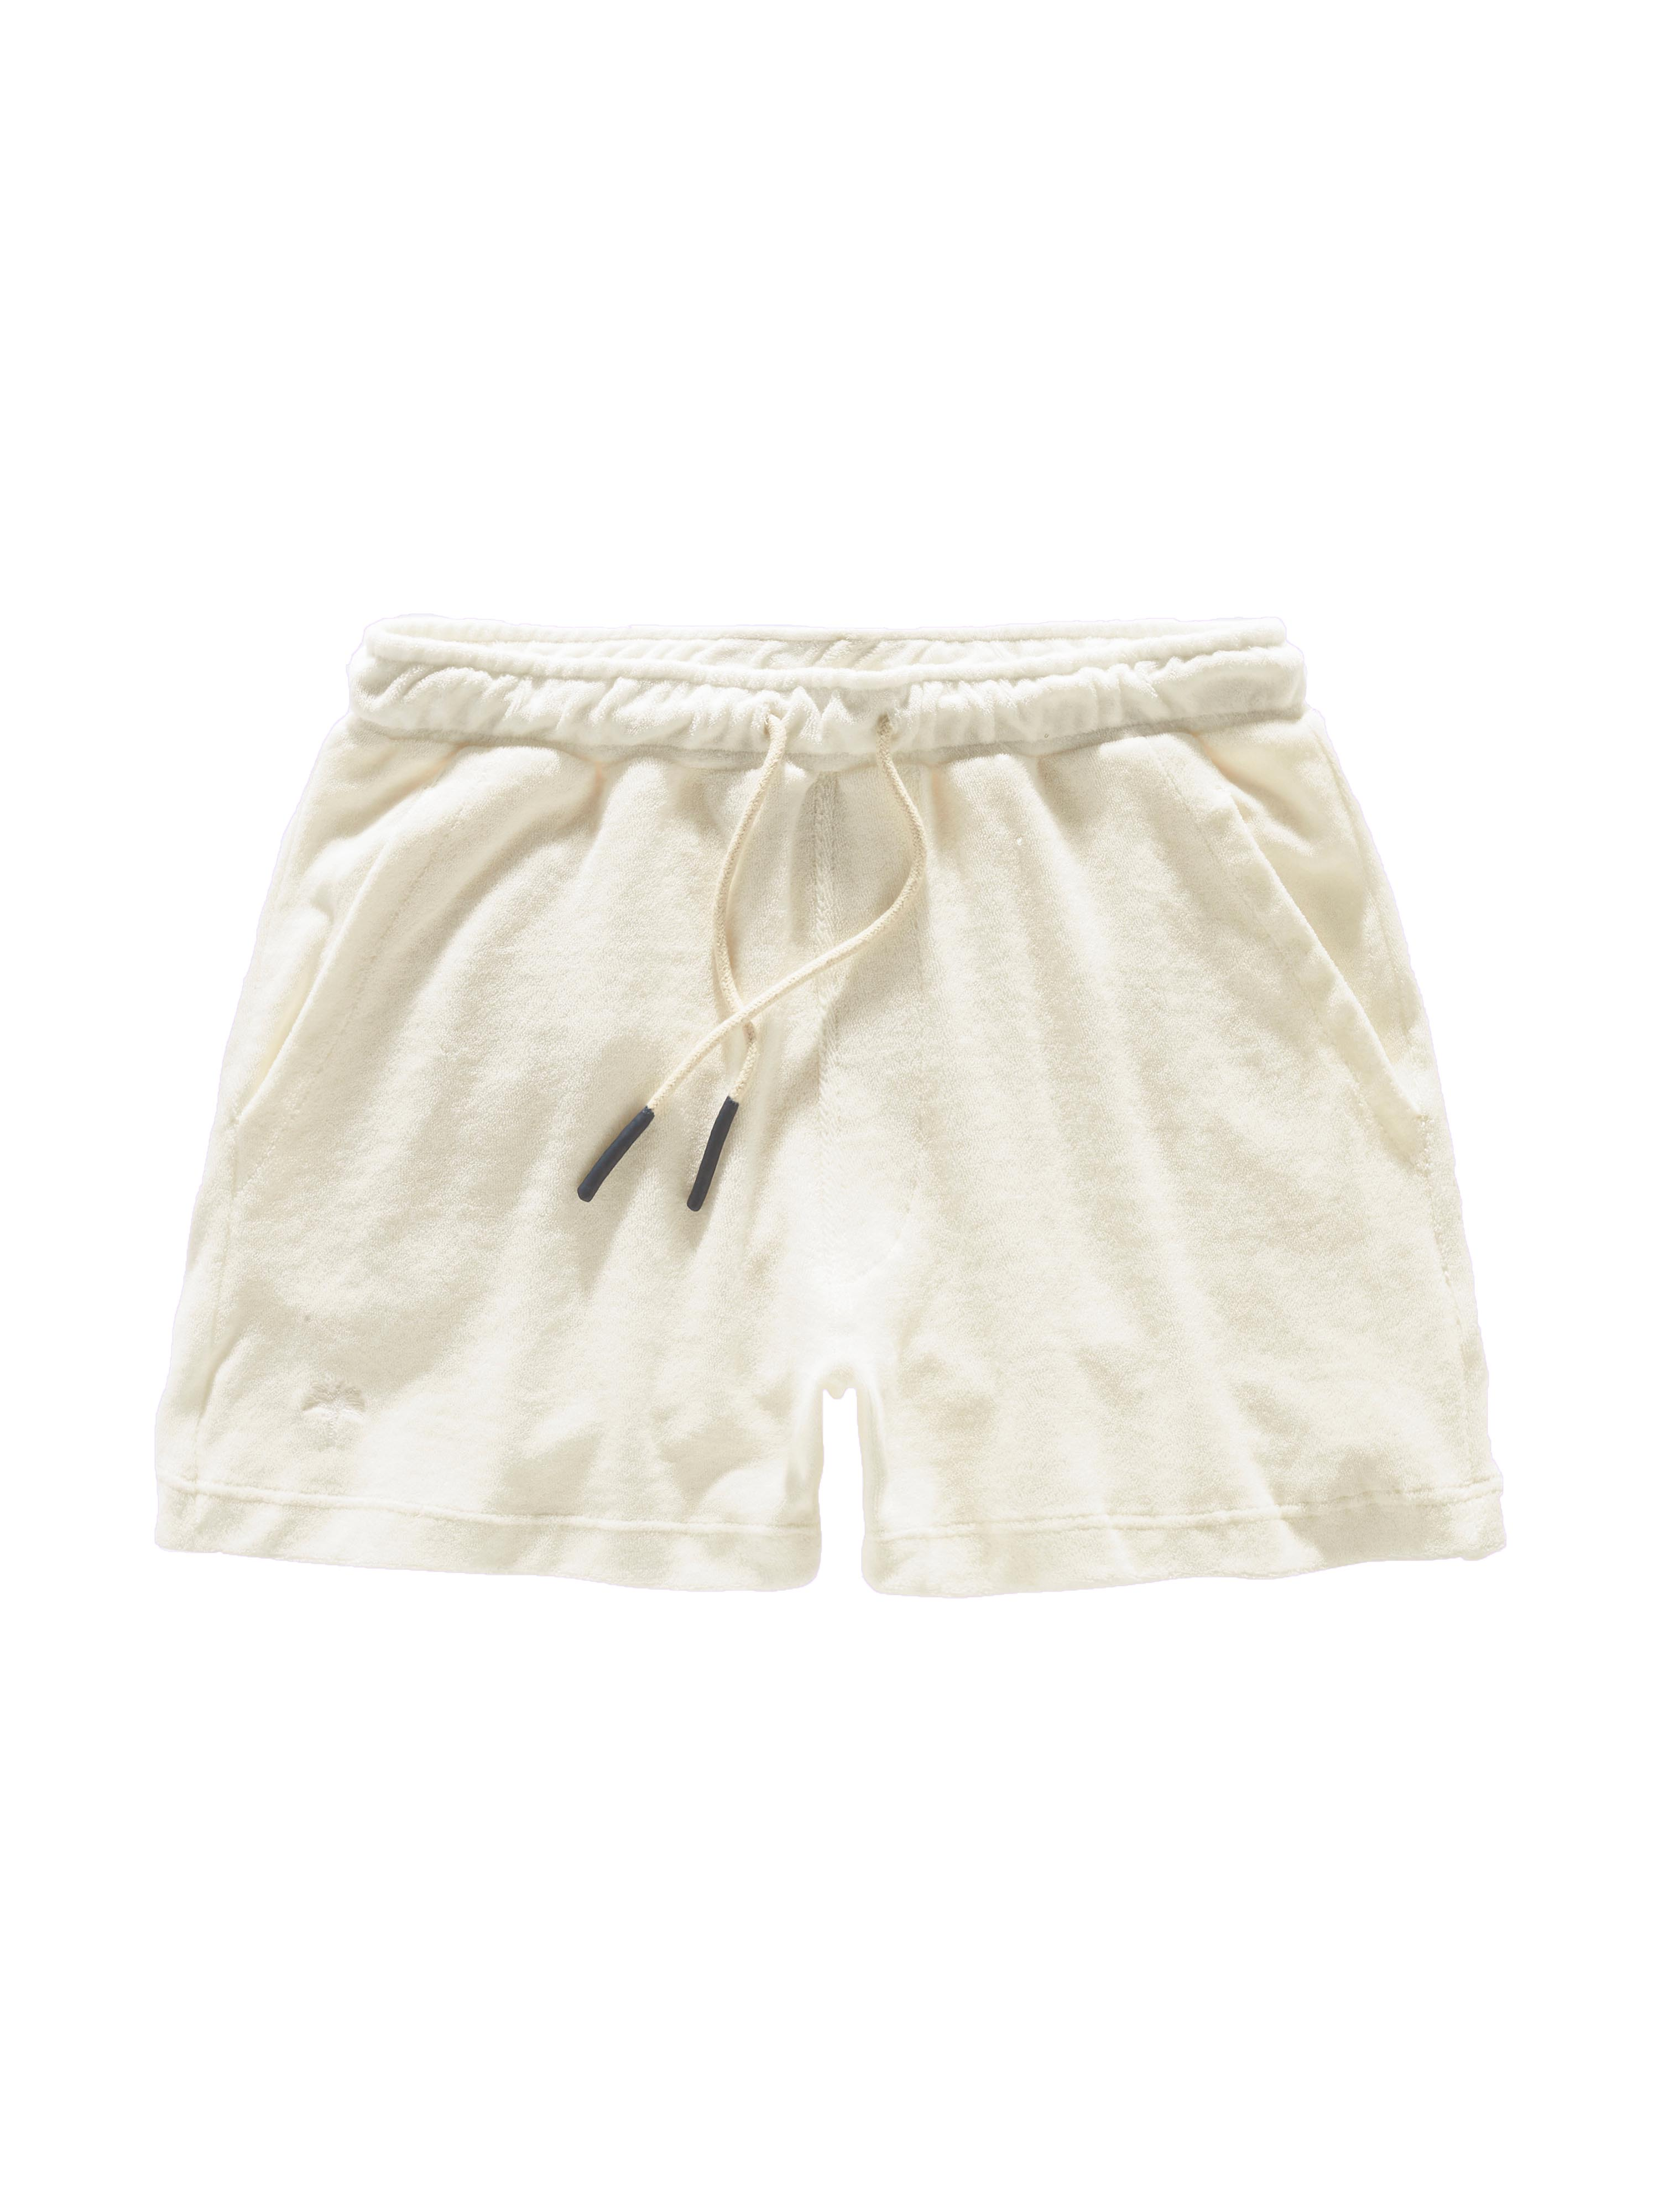 White Terry Shorts